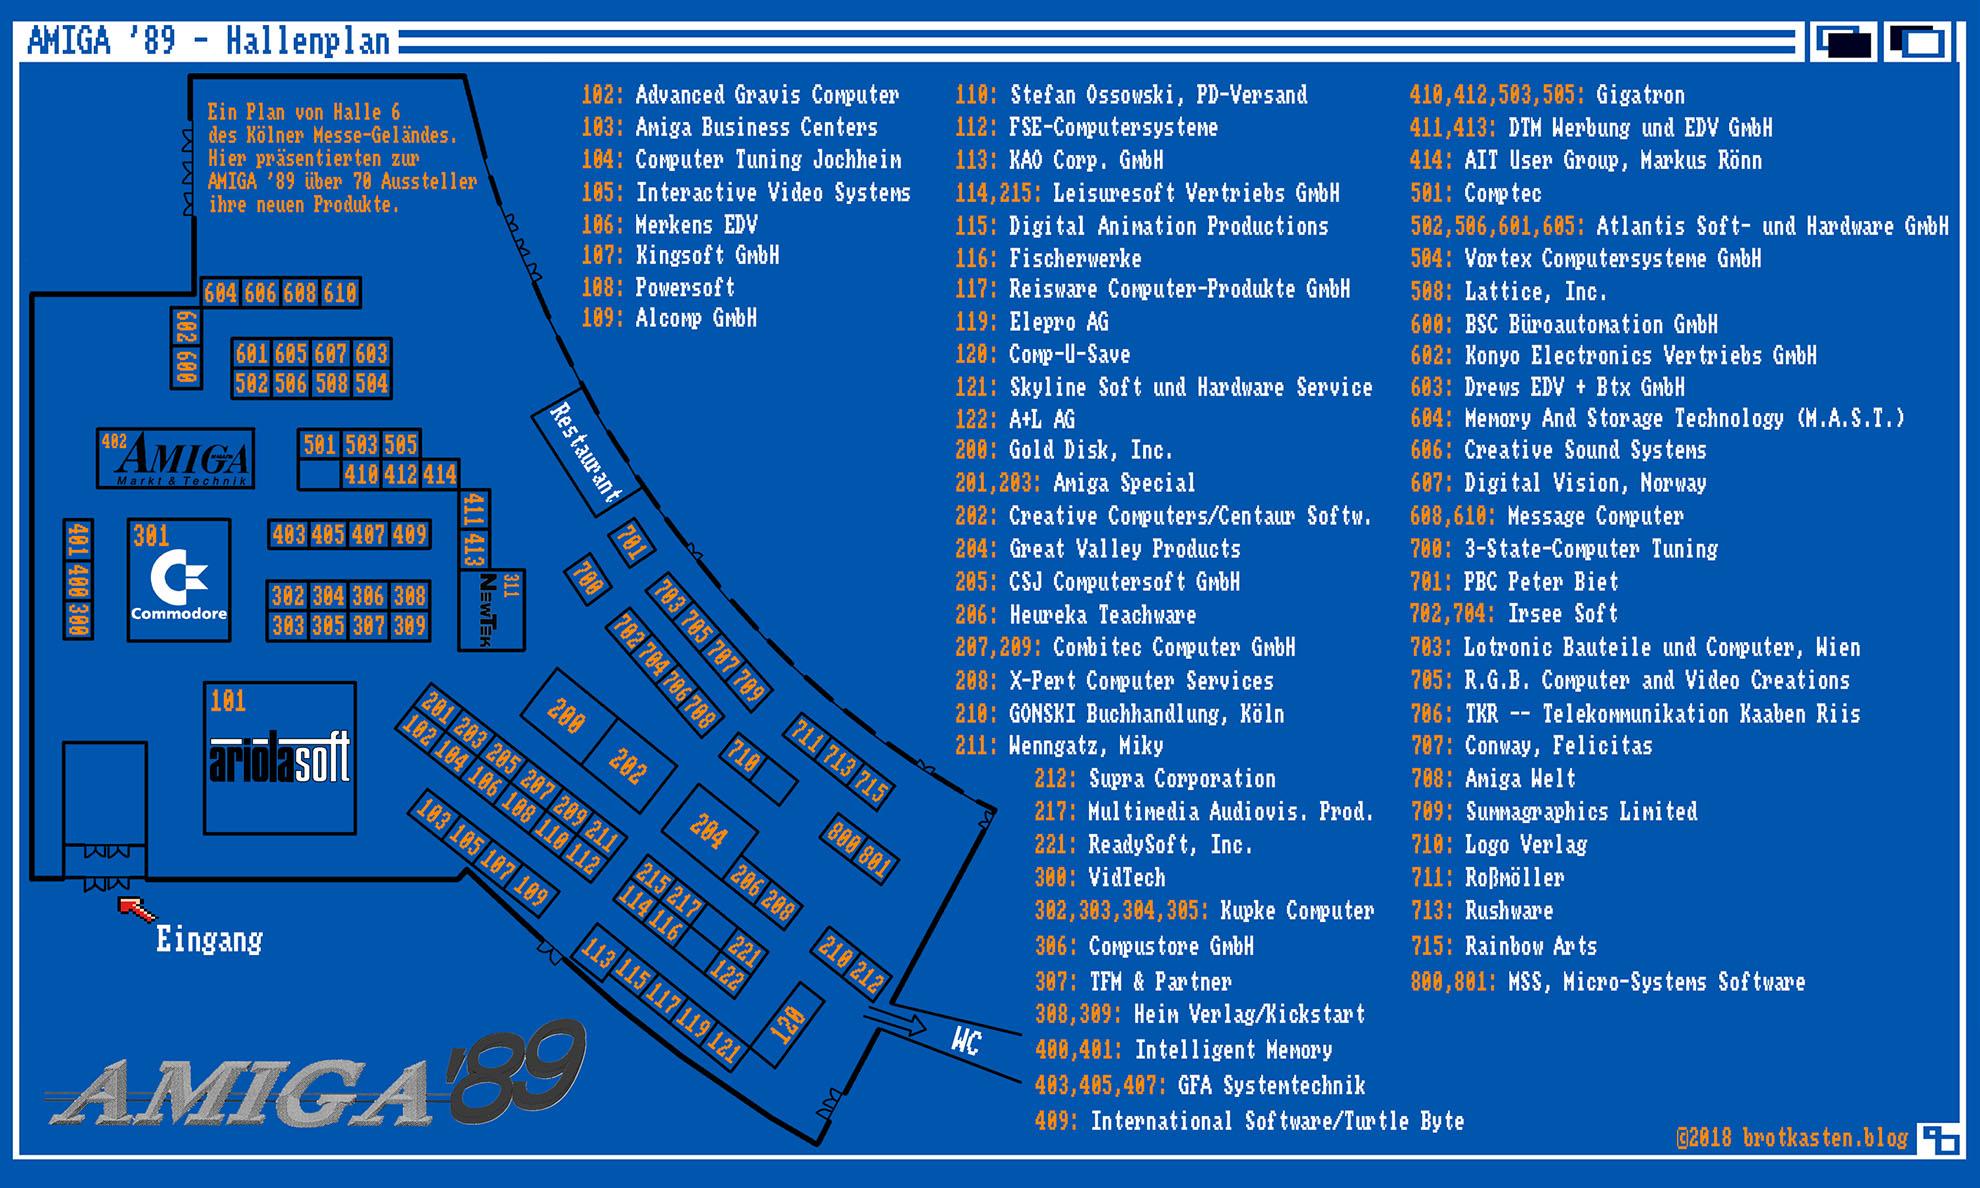 AMIGA'89 Hallenplan und Ausstellerverzeichnis (Bild: Stephan Ricken)